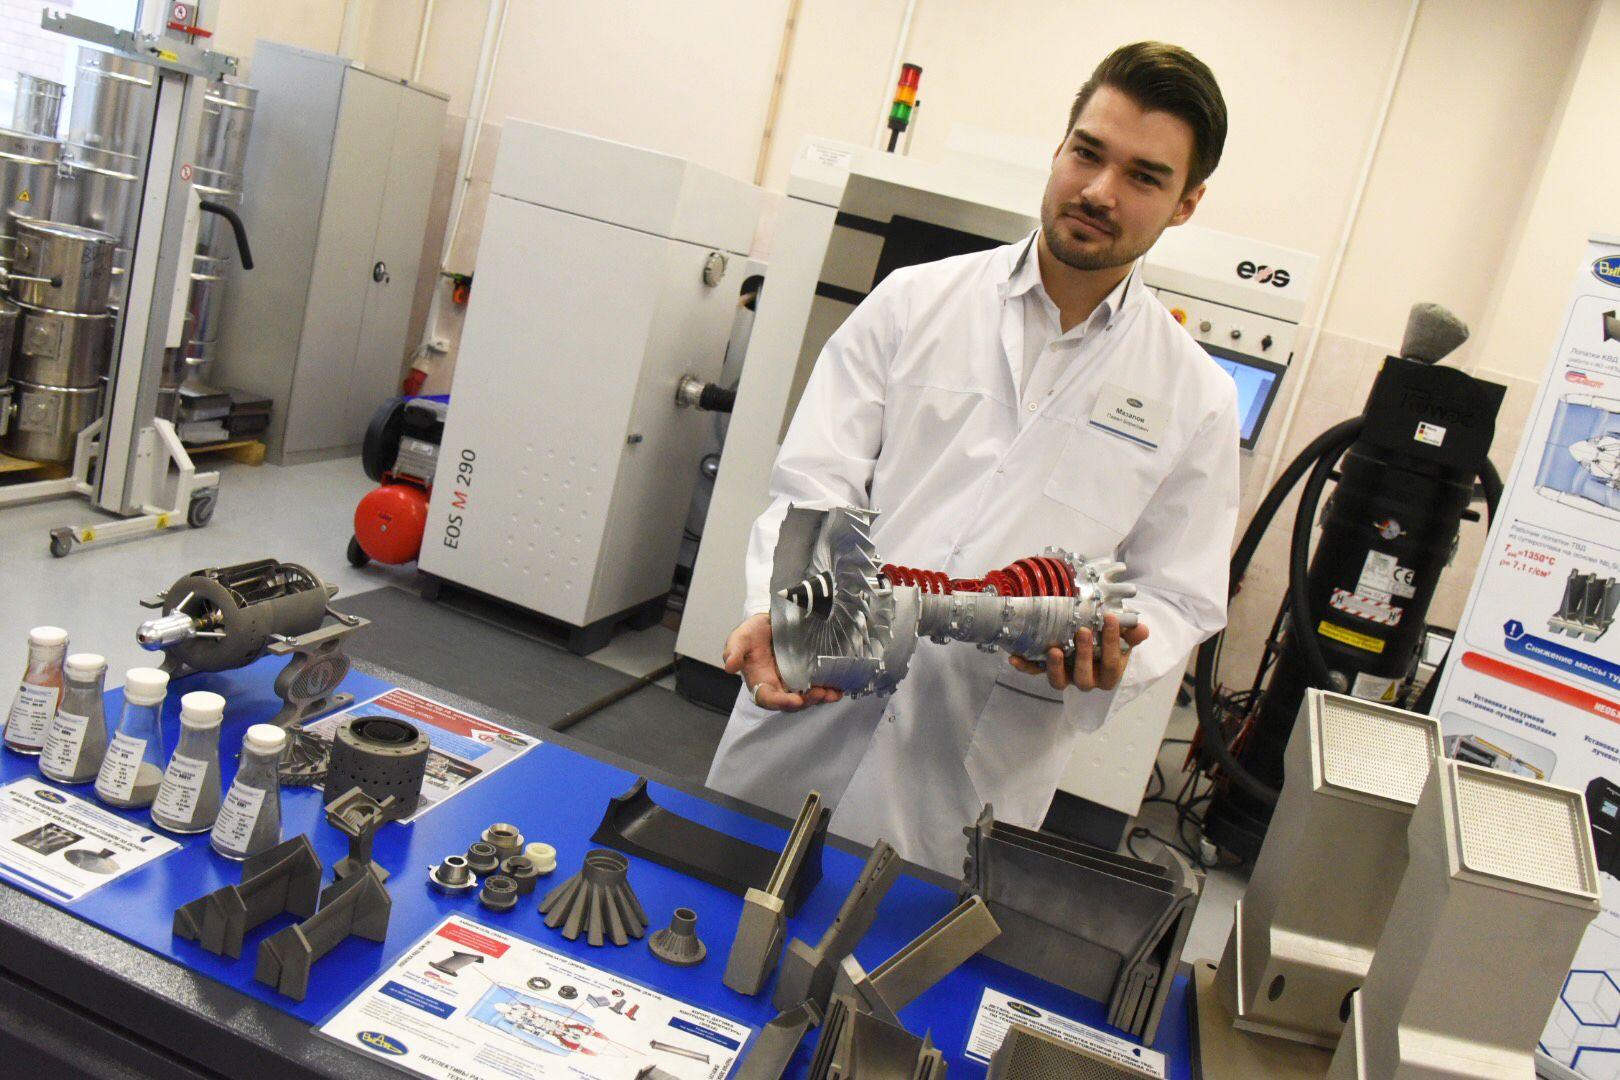 К Московскому инновационному кластеру присоединились более 200 научных учреждений